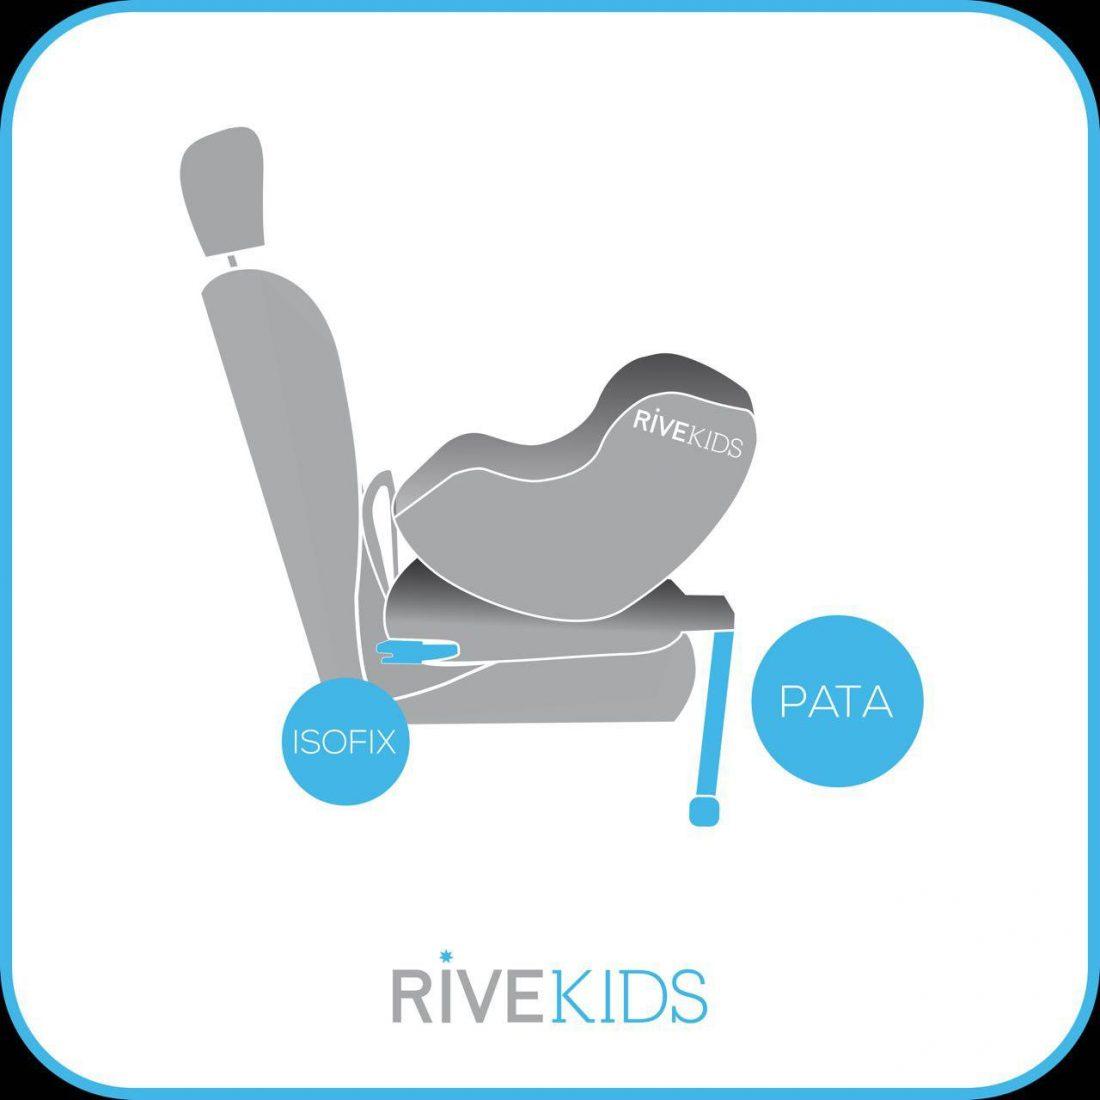 imagen de la pata de apoyo para sillas infantiles